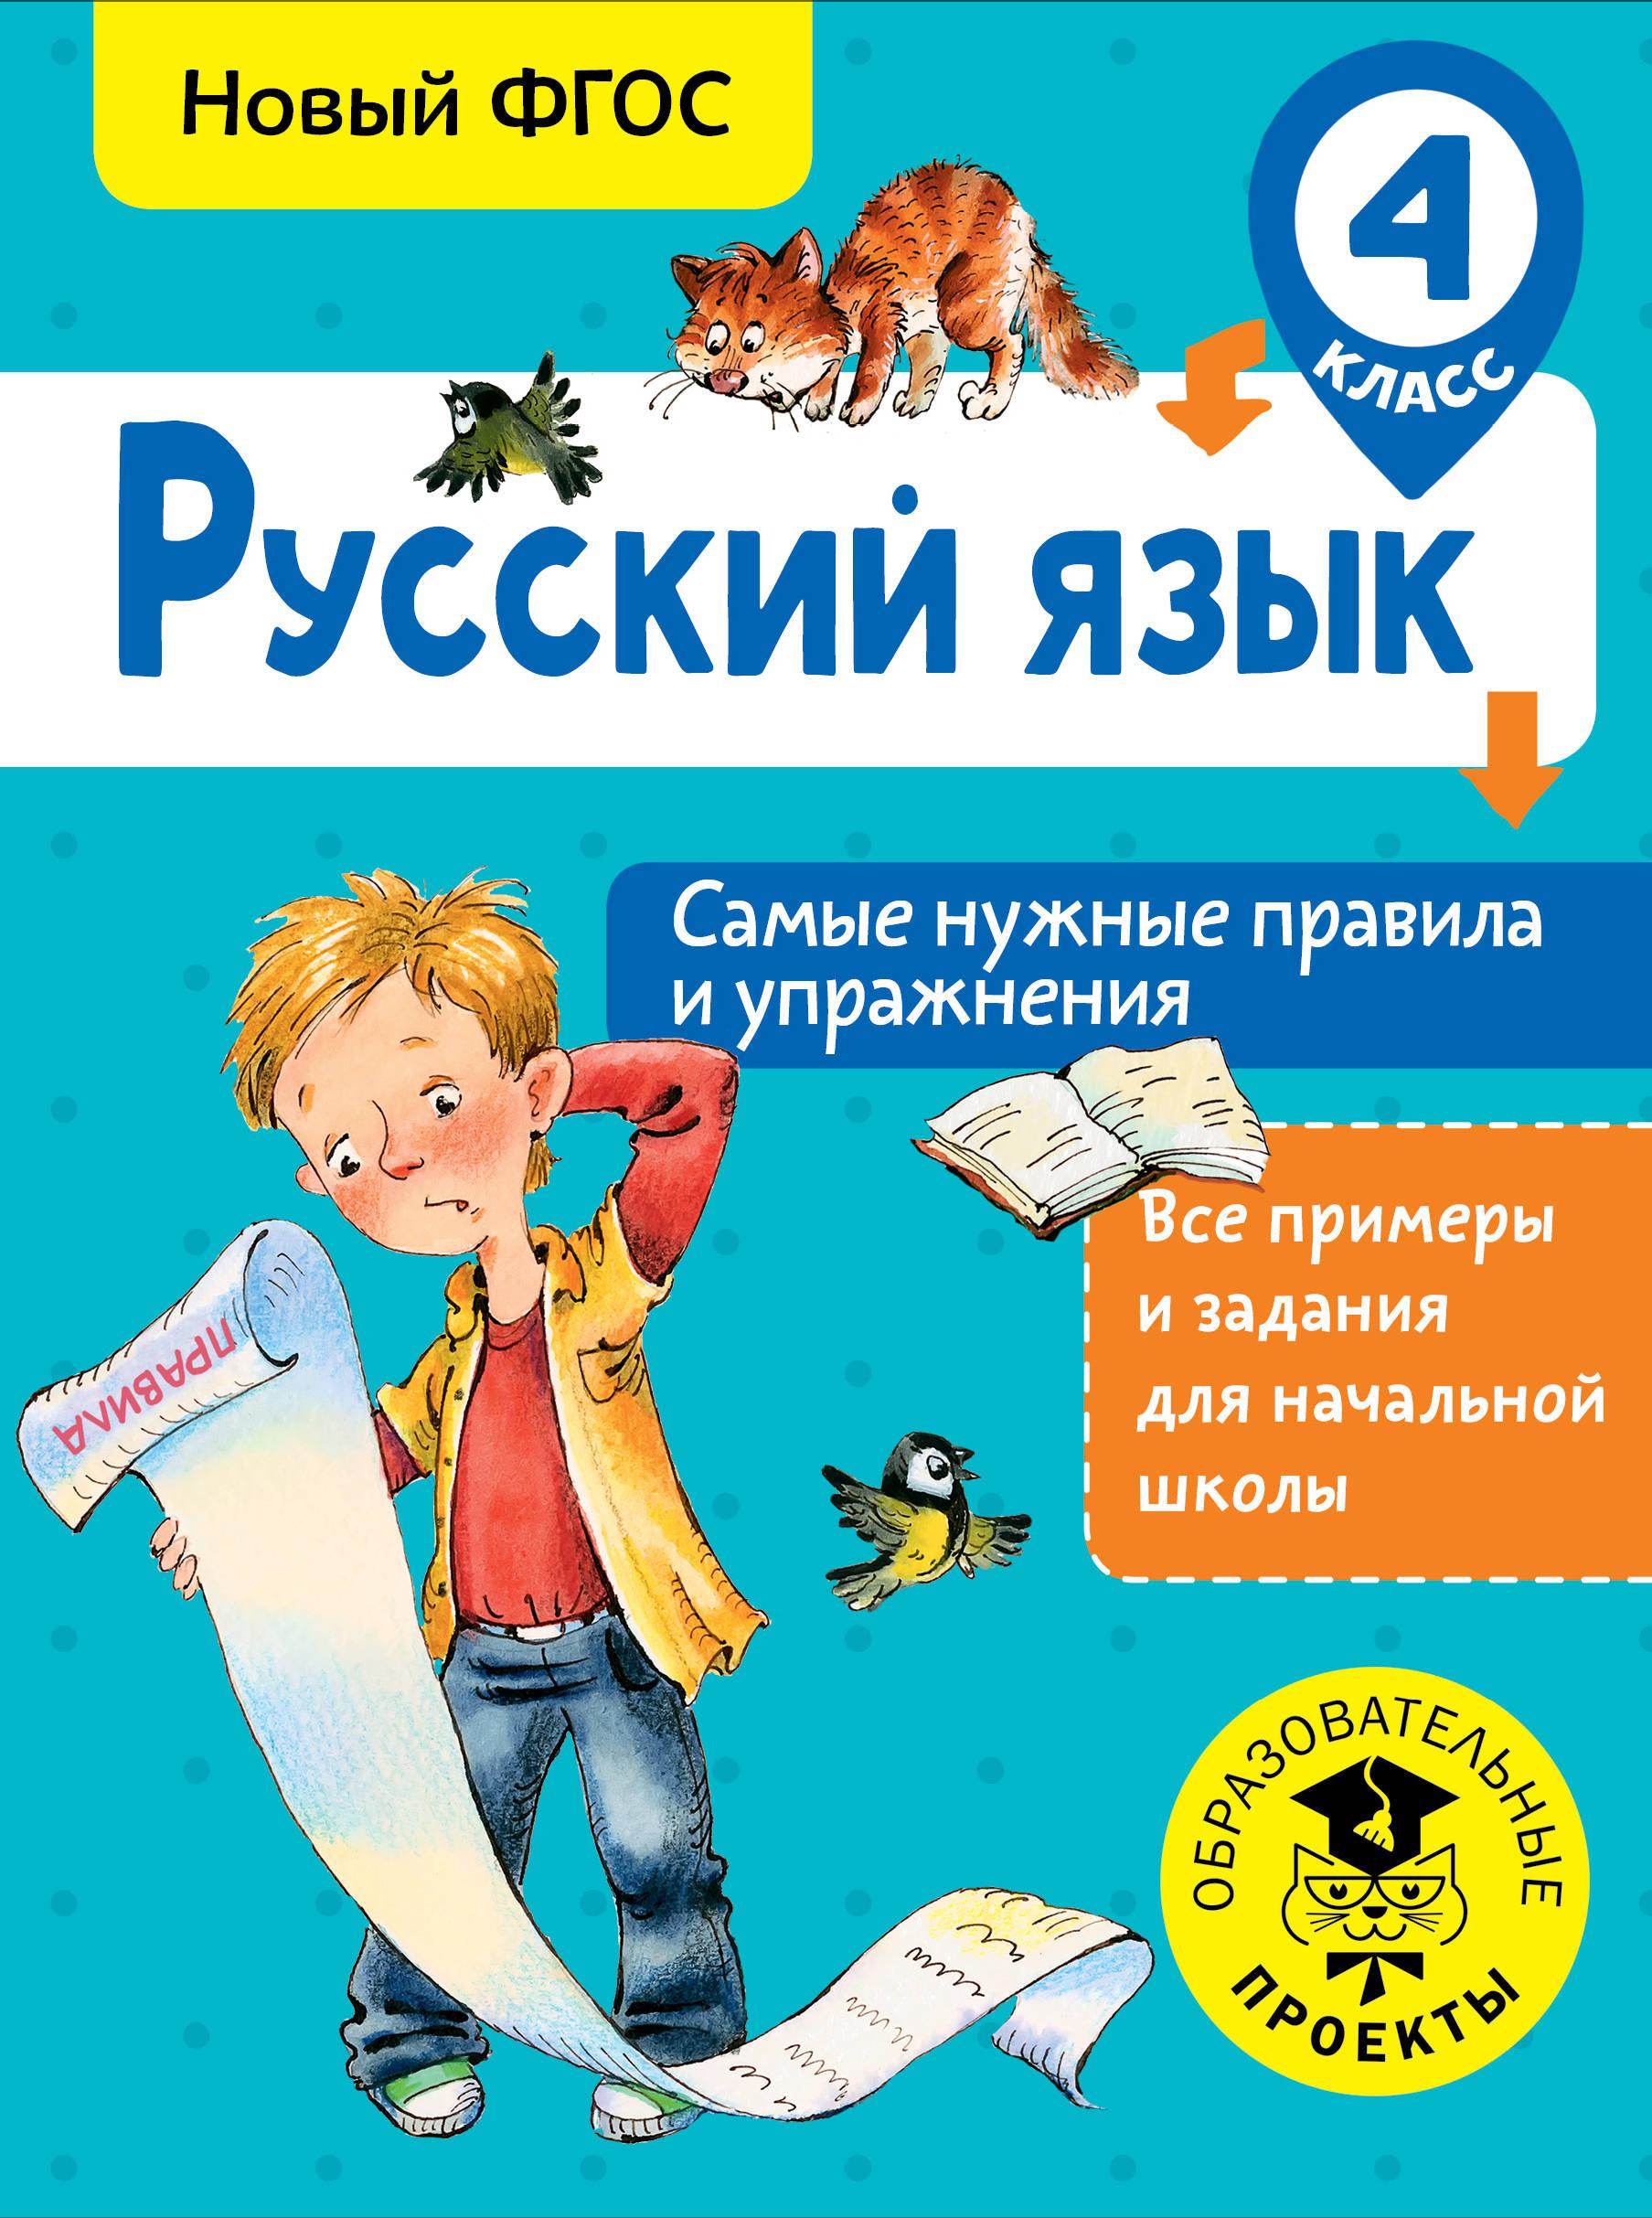 Русский язык. Самые нужные правила и упражнения. 4 класс ( Шевелёва Наталия Николаевна  )